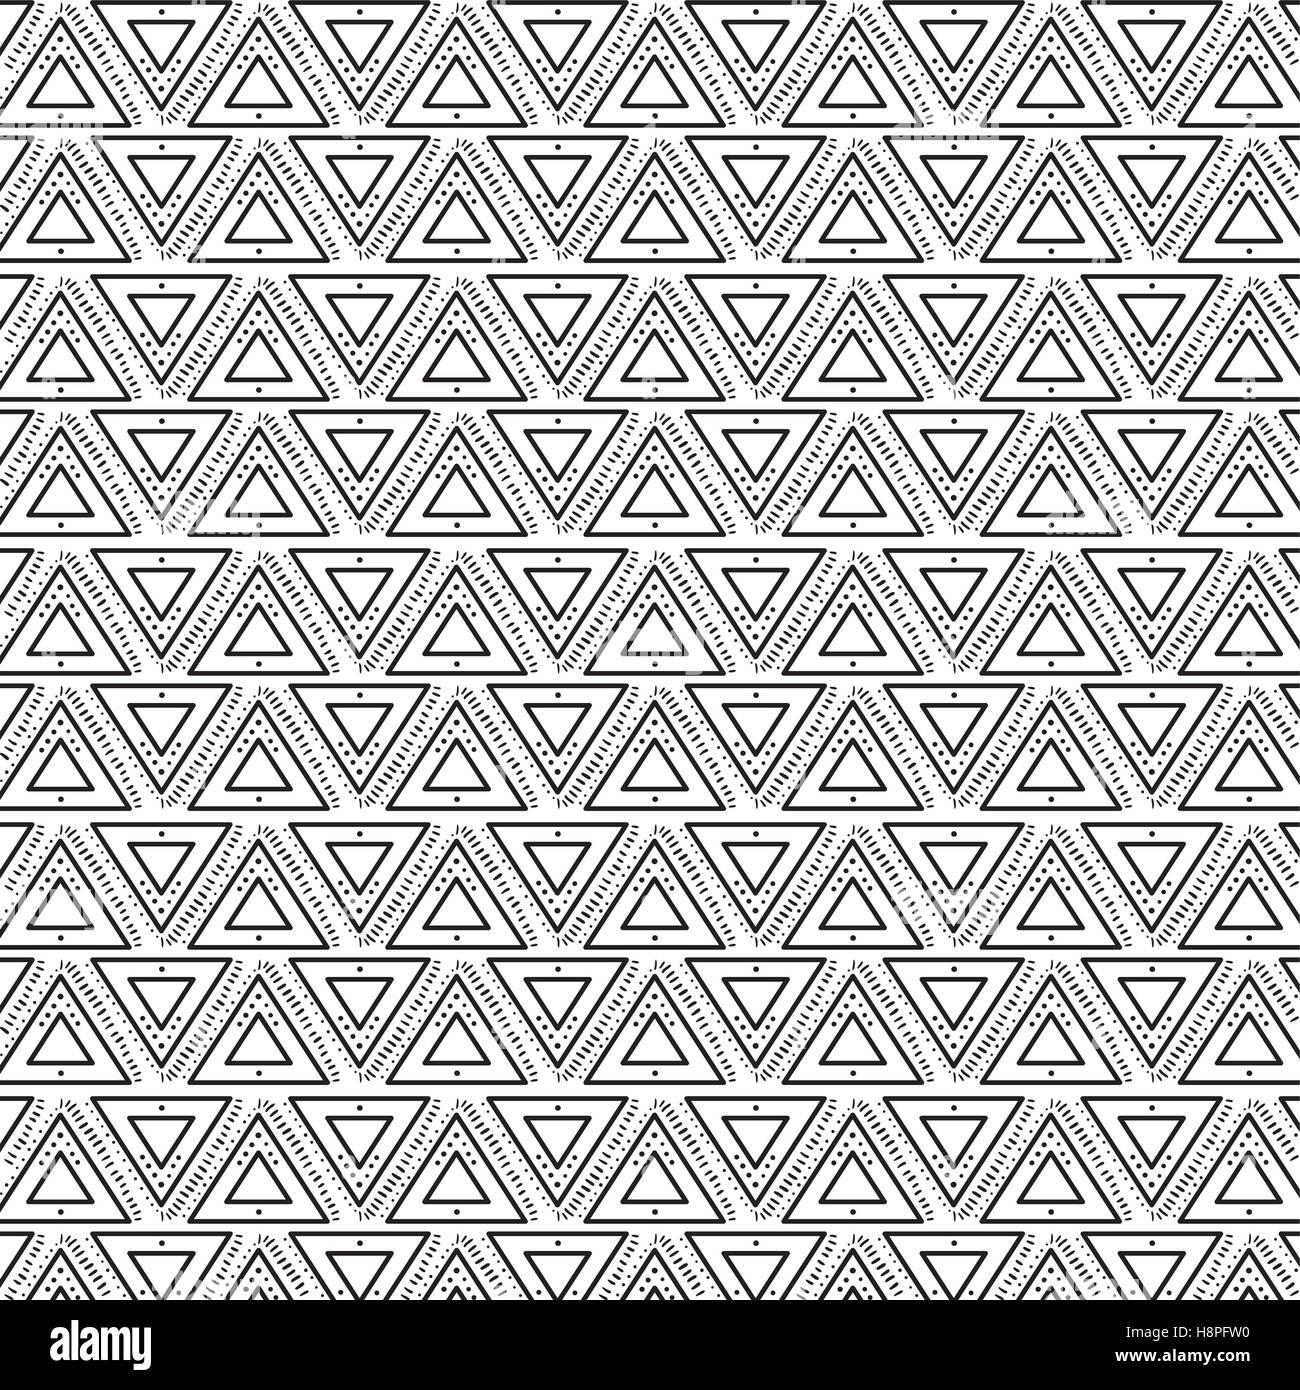 Boho Style Black And White Background Design Bohemic Decoration Stock Vector Image Art Alamy